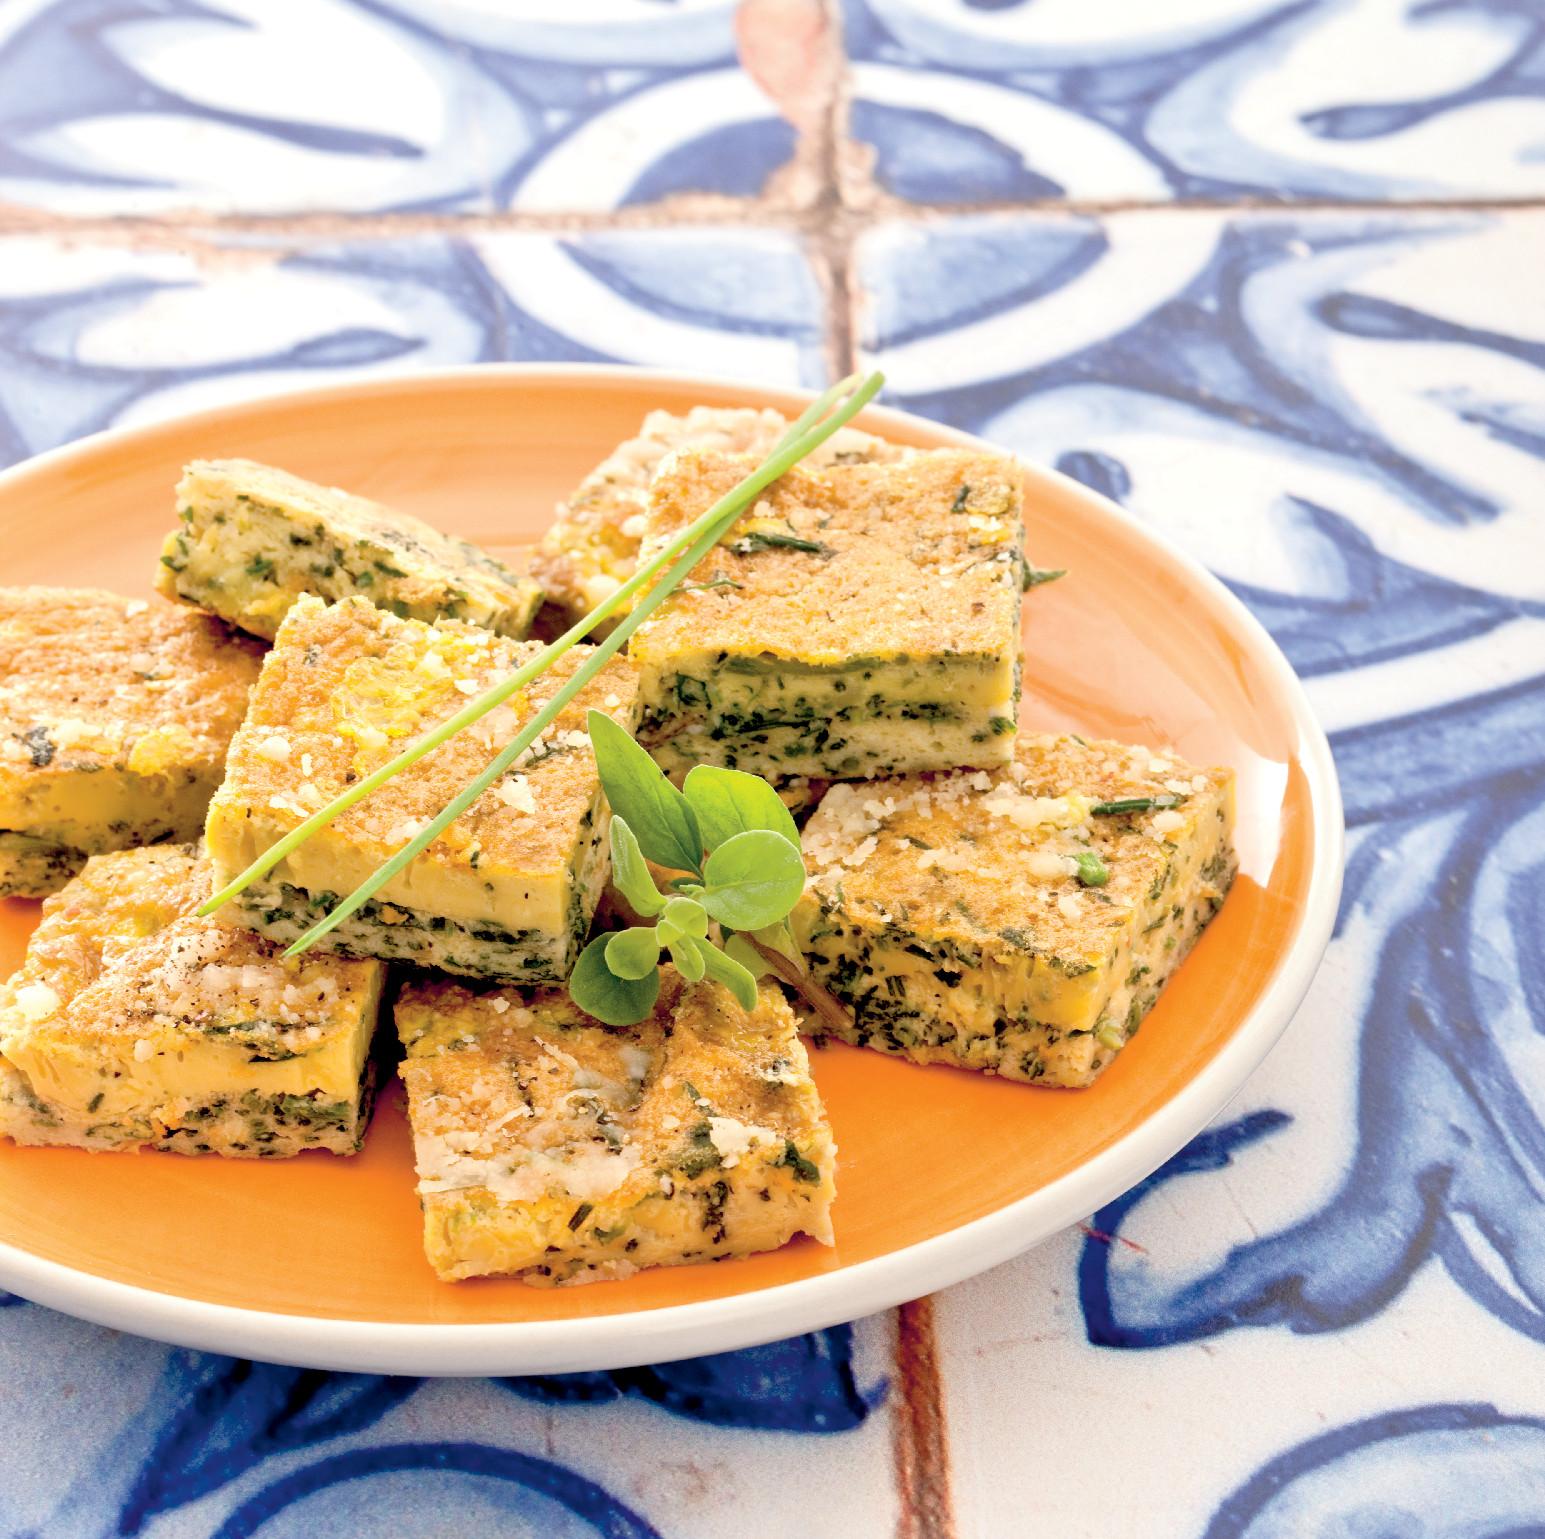 Omelette soffice alle erbe aromatiche